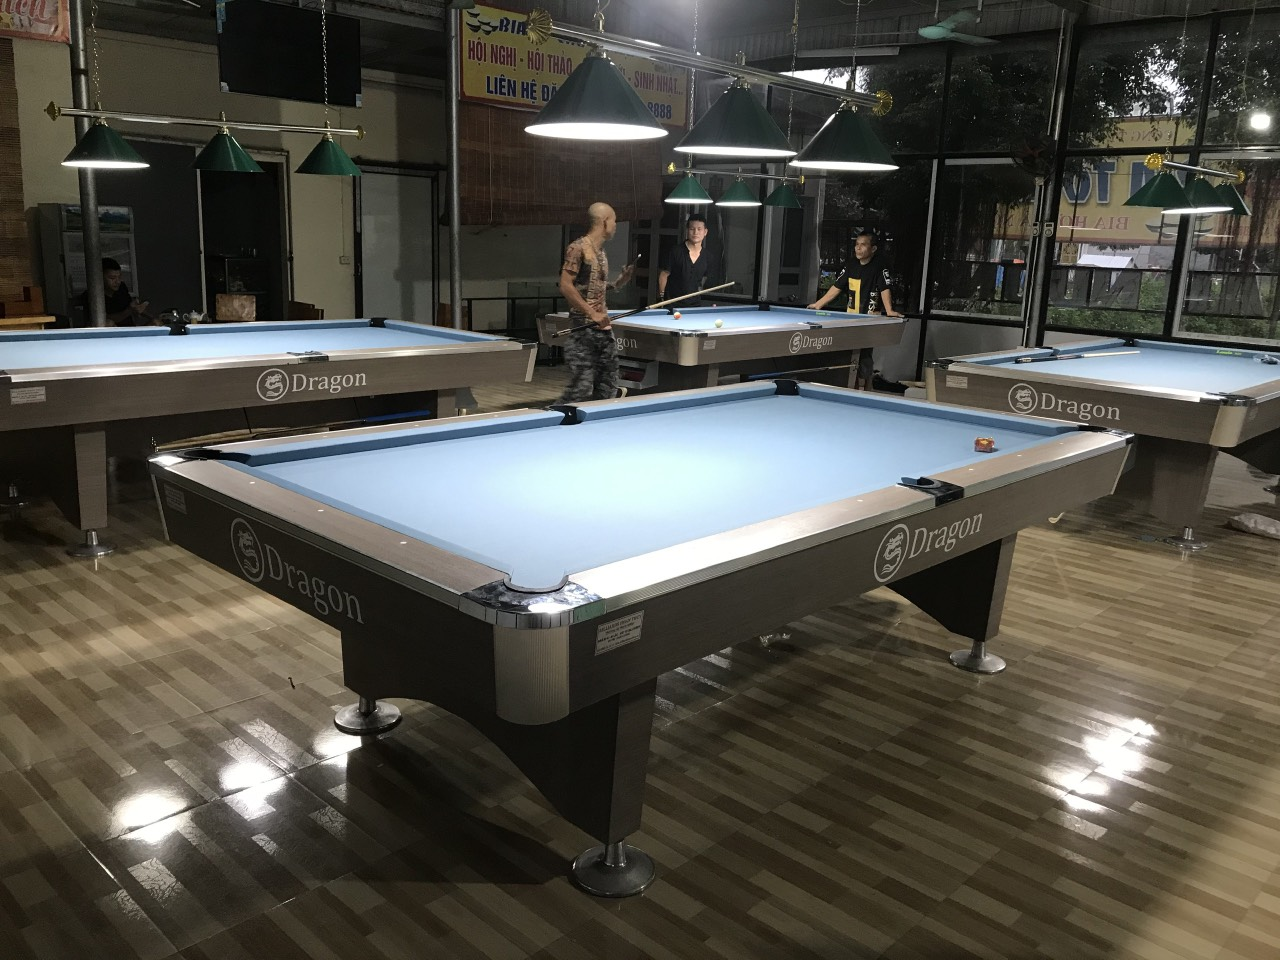 Billiards Hoàn Thúy lắp đặt 4 bàn Dragon tại Yên Khánh, Ninh Bình